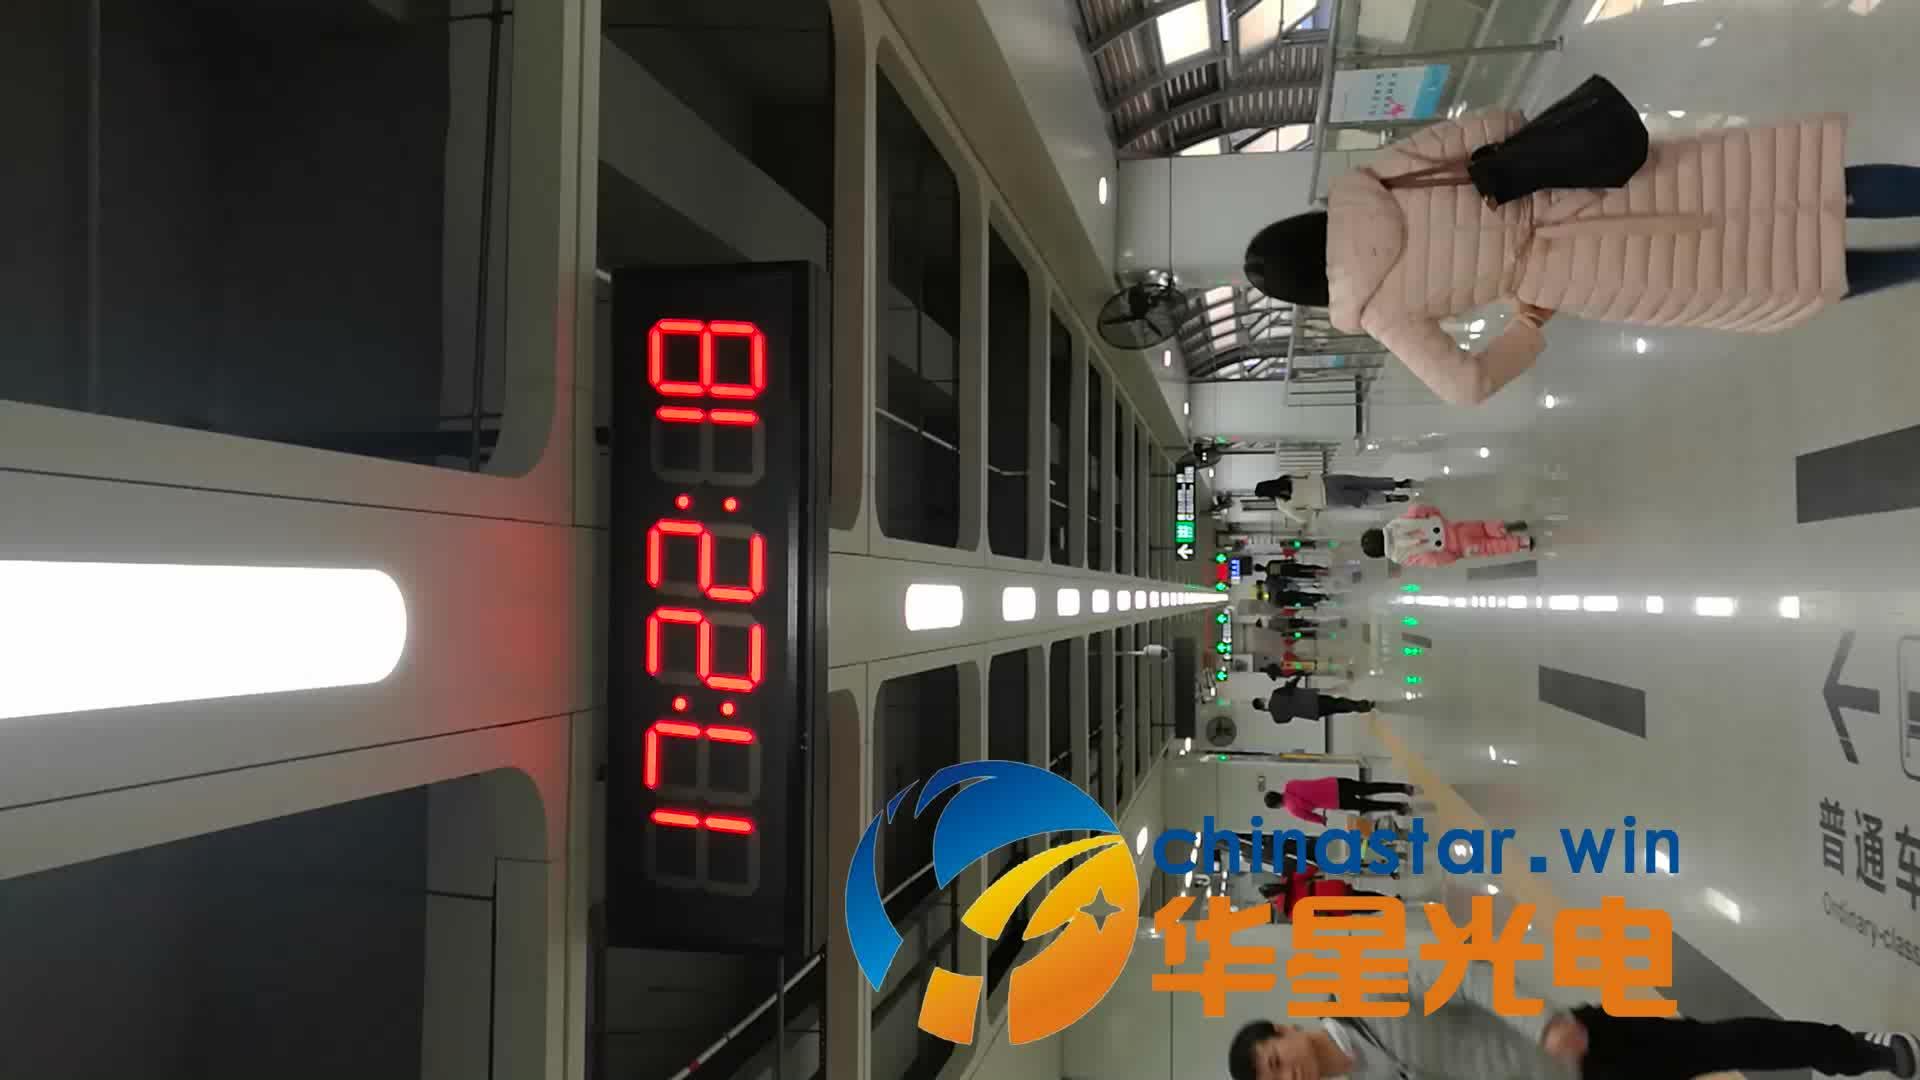 역 digital display 벽 clock 88: 88: 88 Led 큰 digital 벽 clock time 디스플레이 1110*300*90 미리메터 red, amber, green